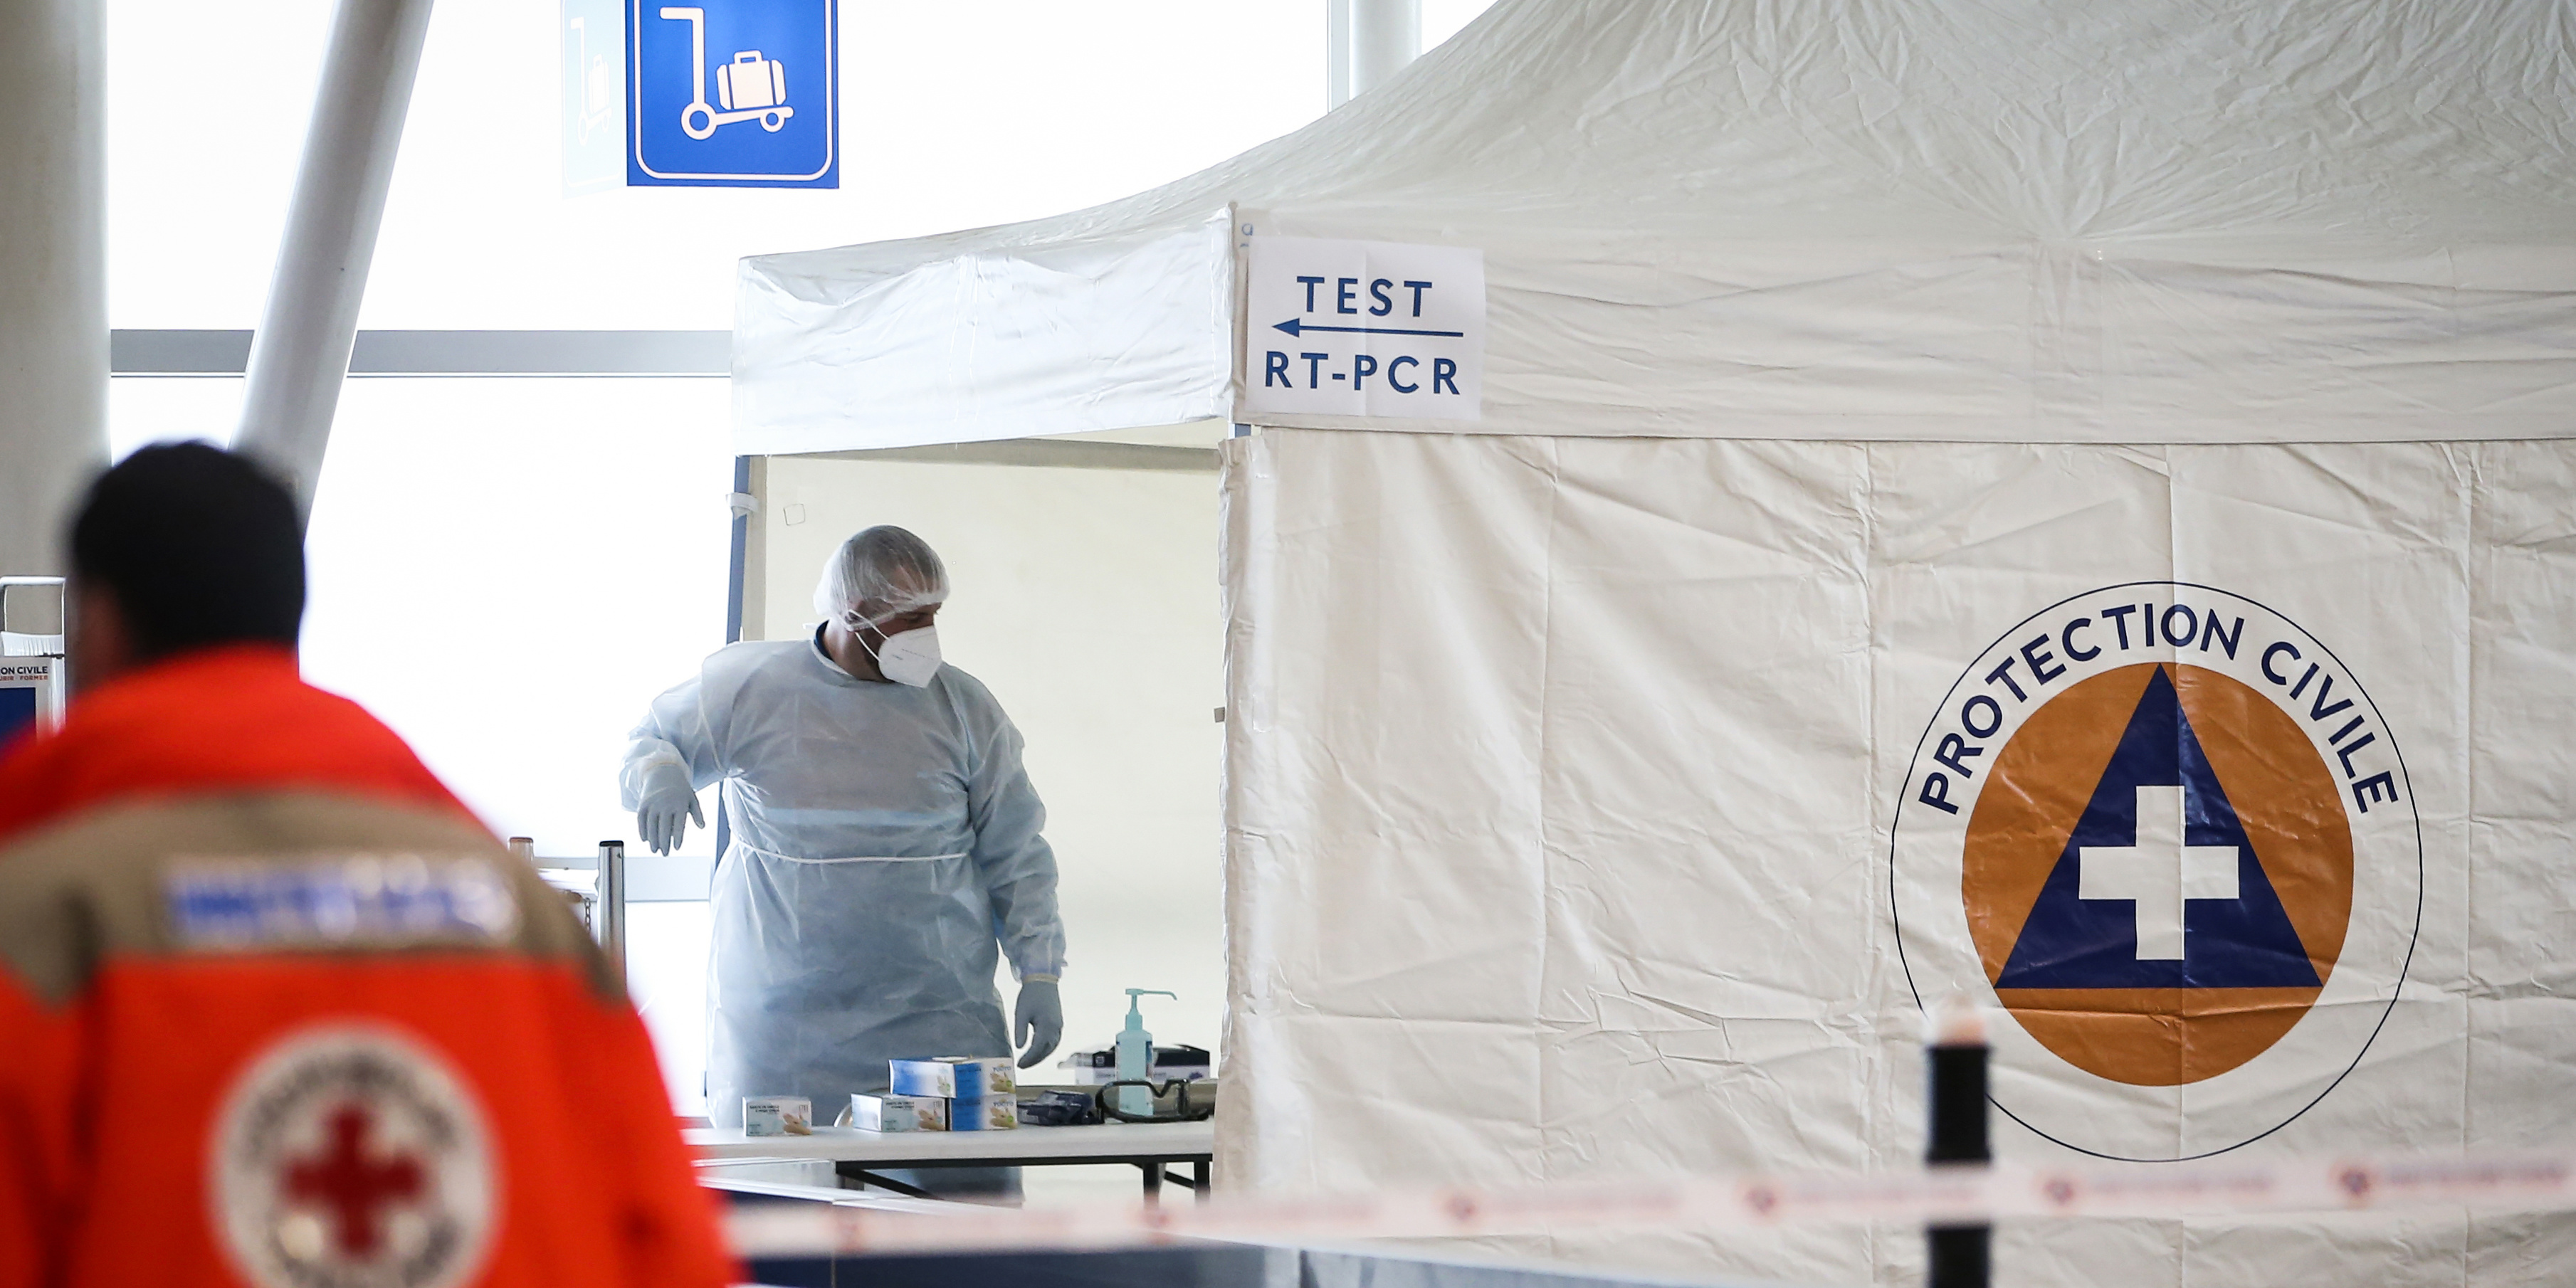 EN DIRECT - Coronavirus : test PCR obligatoire pour les voyageurs européens dès dimanche